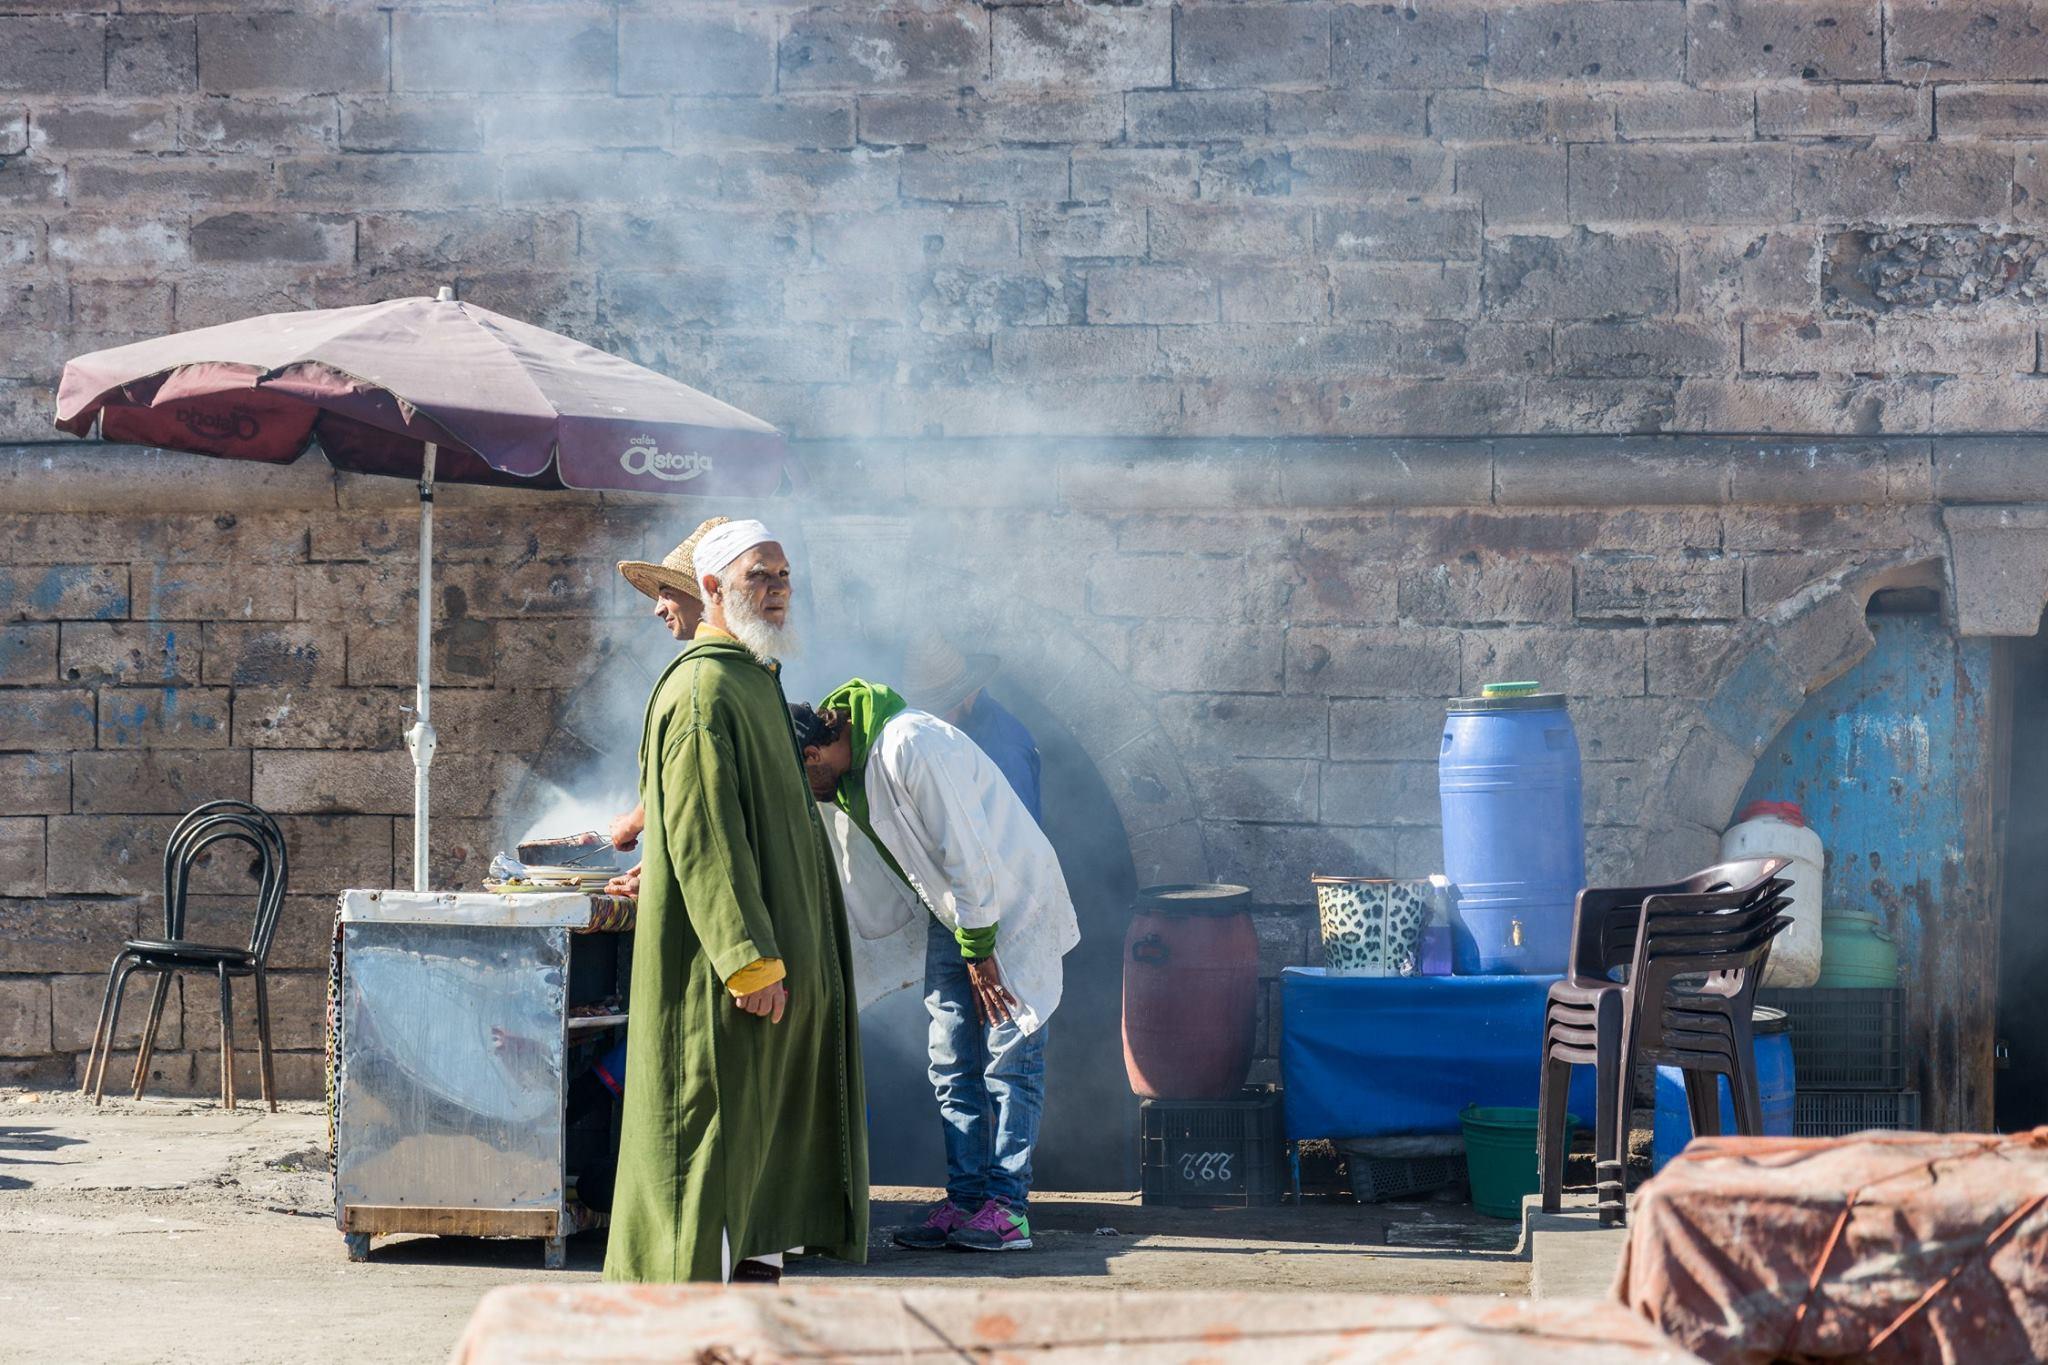 Essaouira słynie z portu rybackiego i ryb